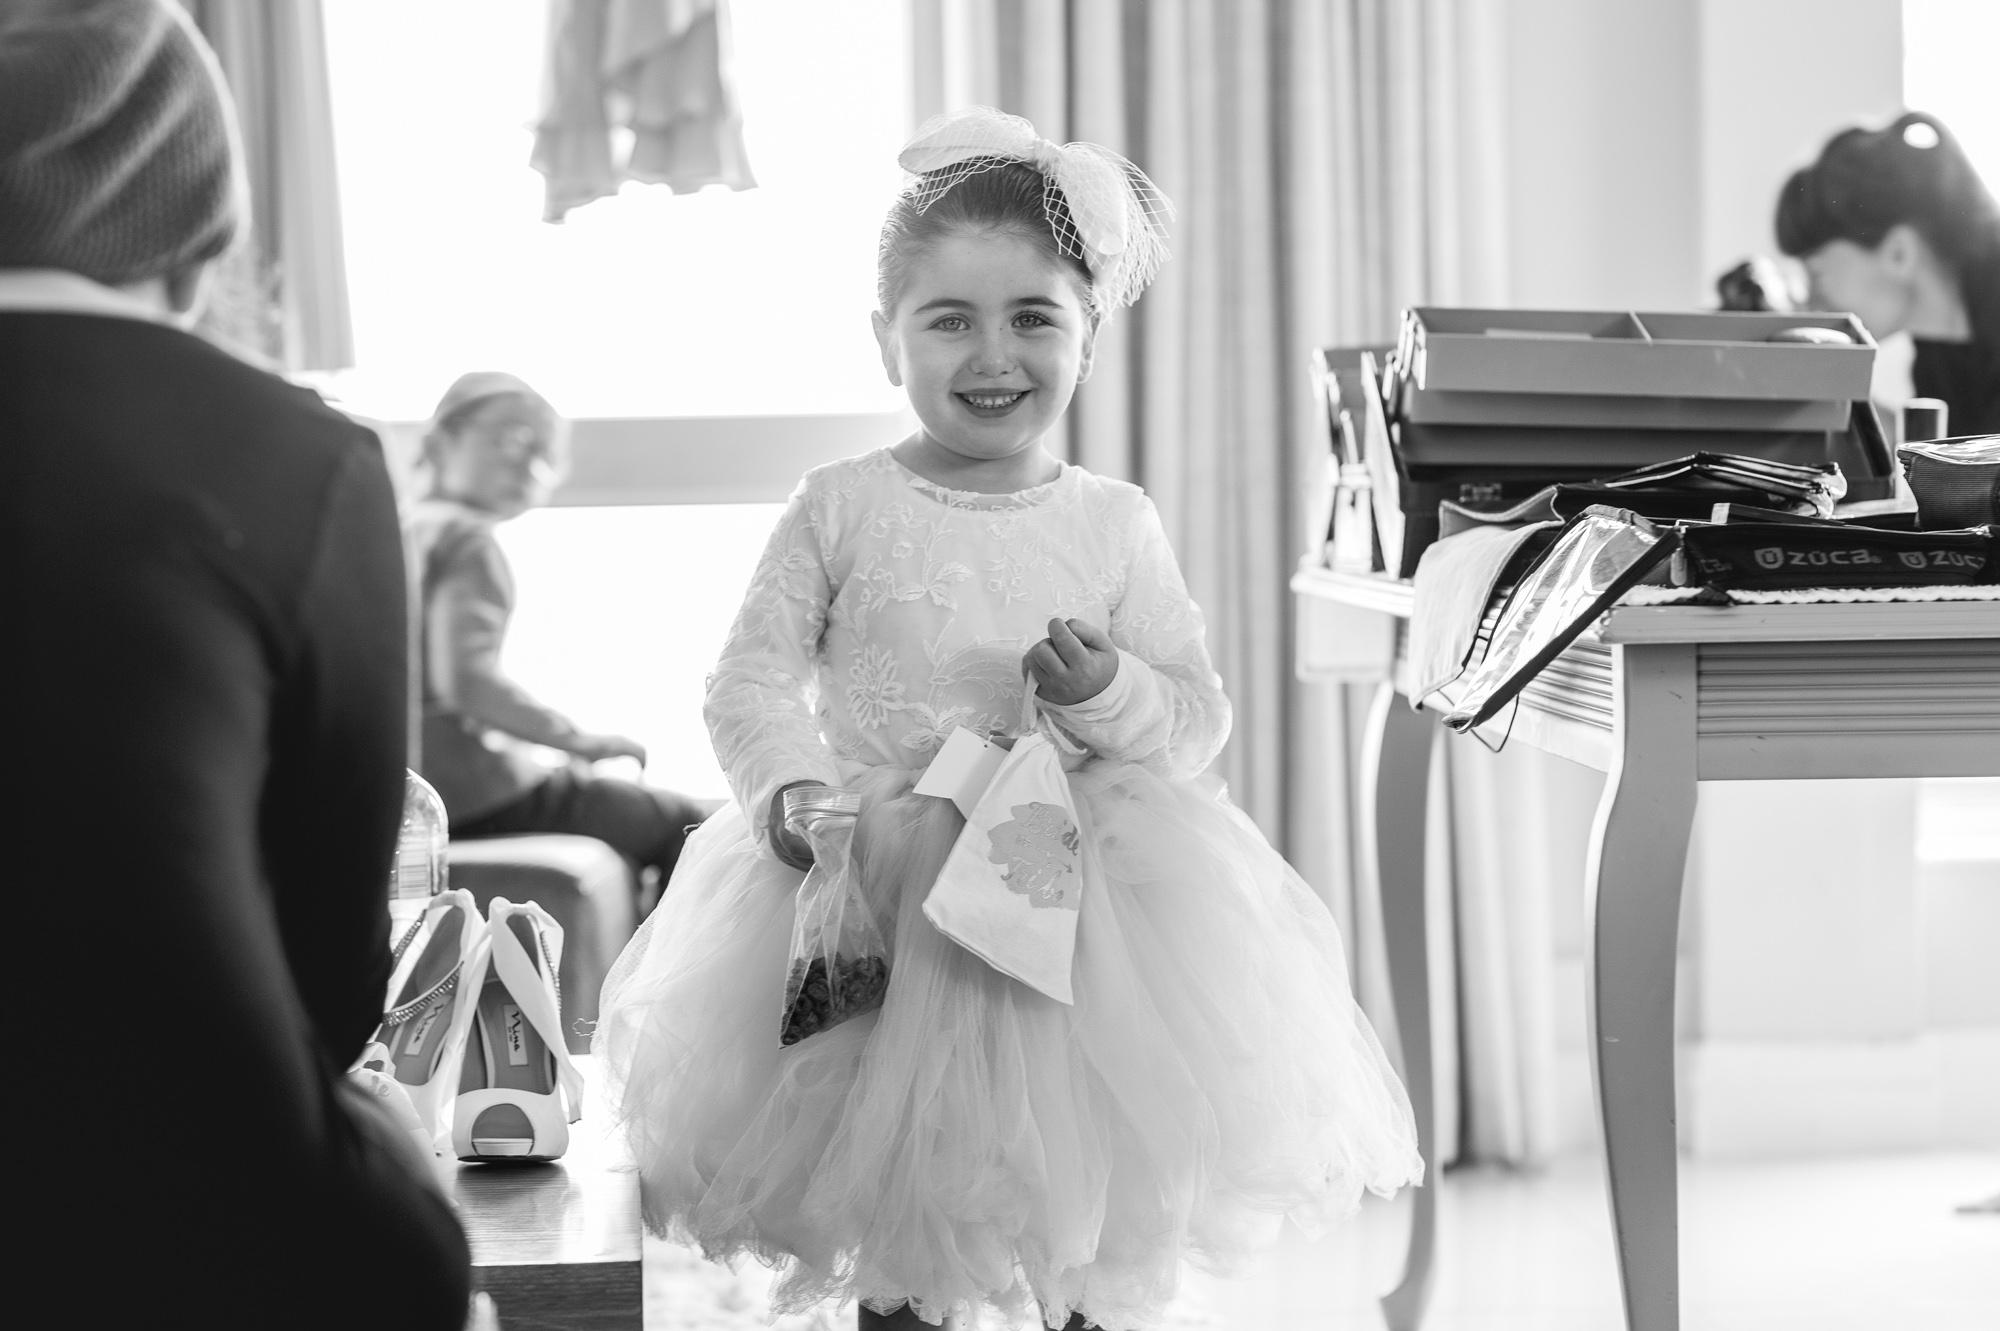 john-henry-wedding-photographer-aaron-devorah-the-lookout-005.JPG